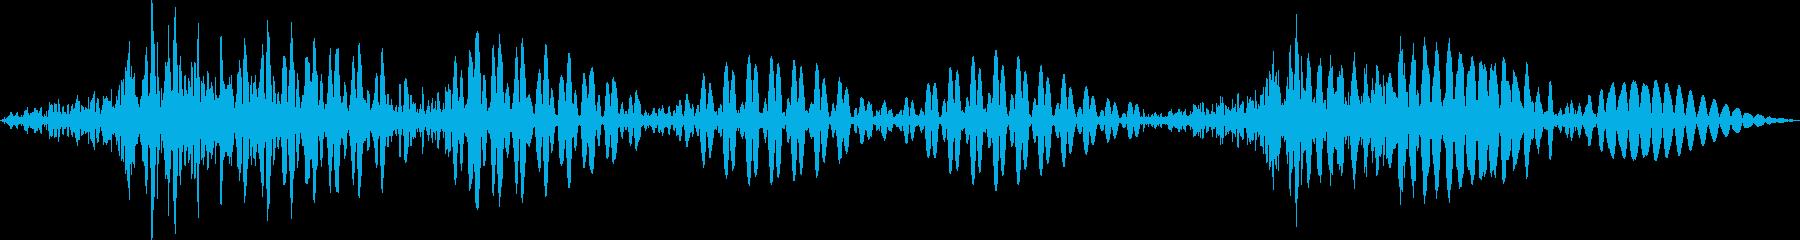 SFテキストトーンマテリアライズの再生済みの波形